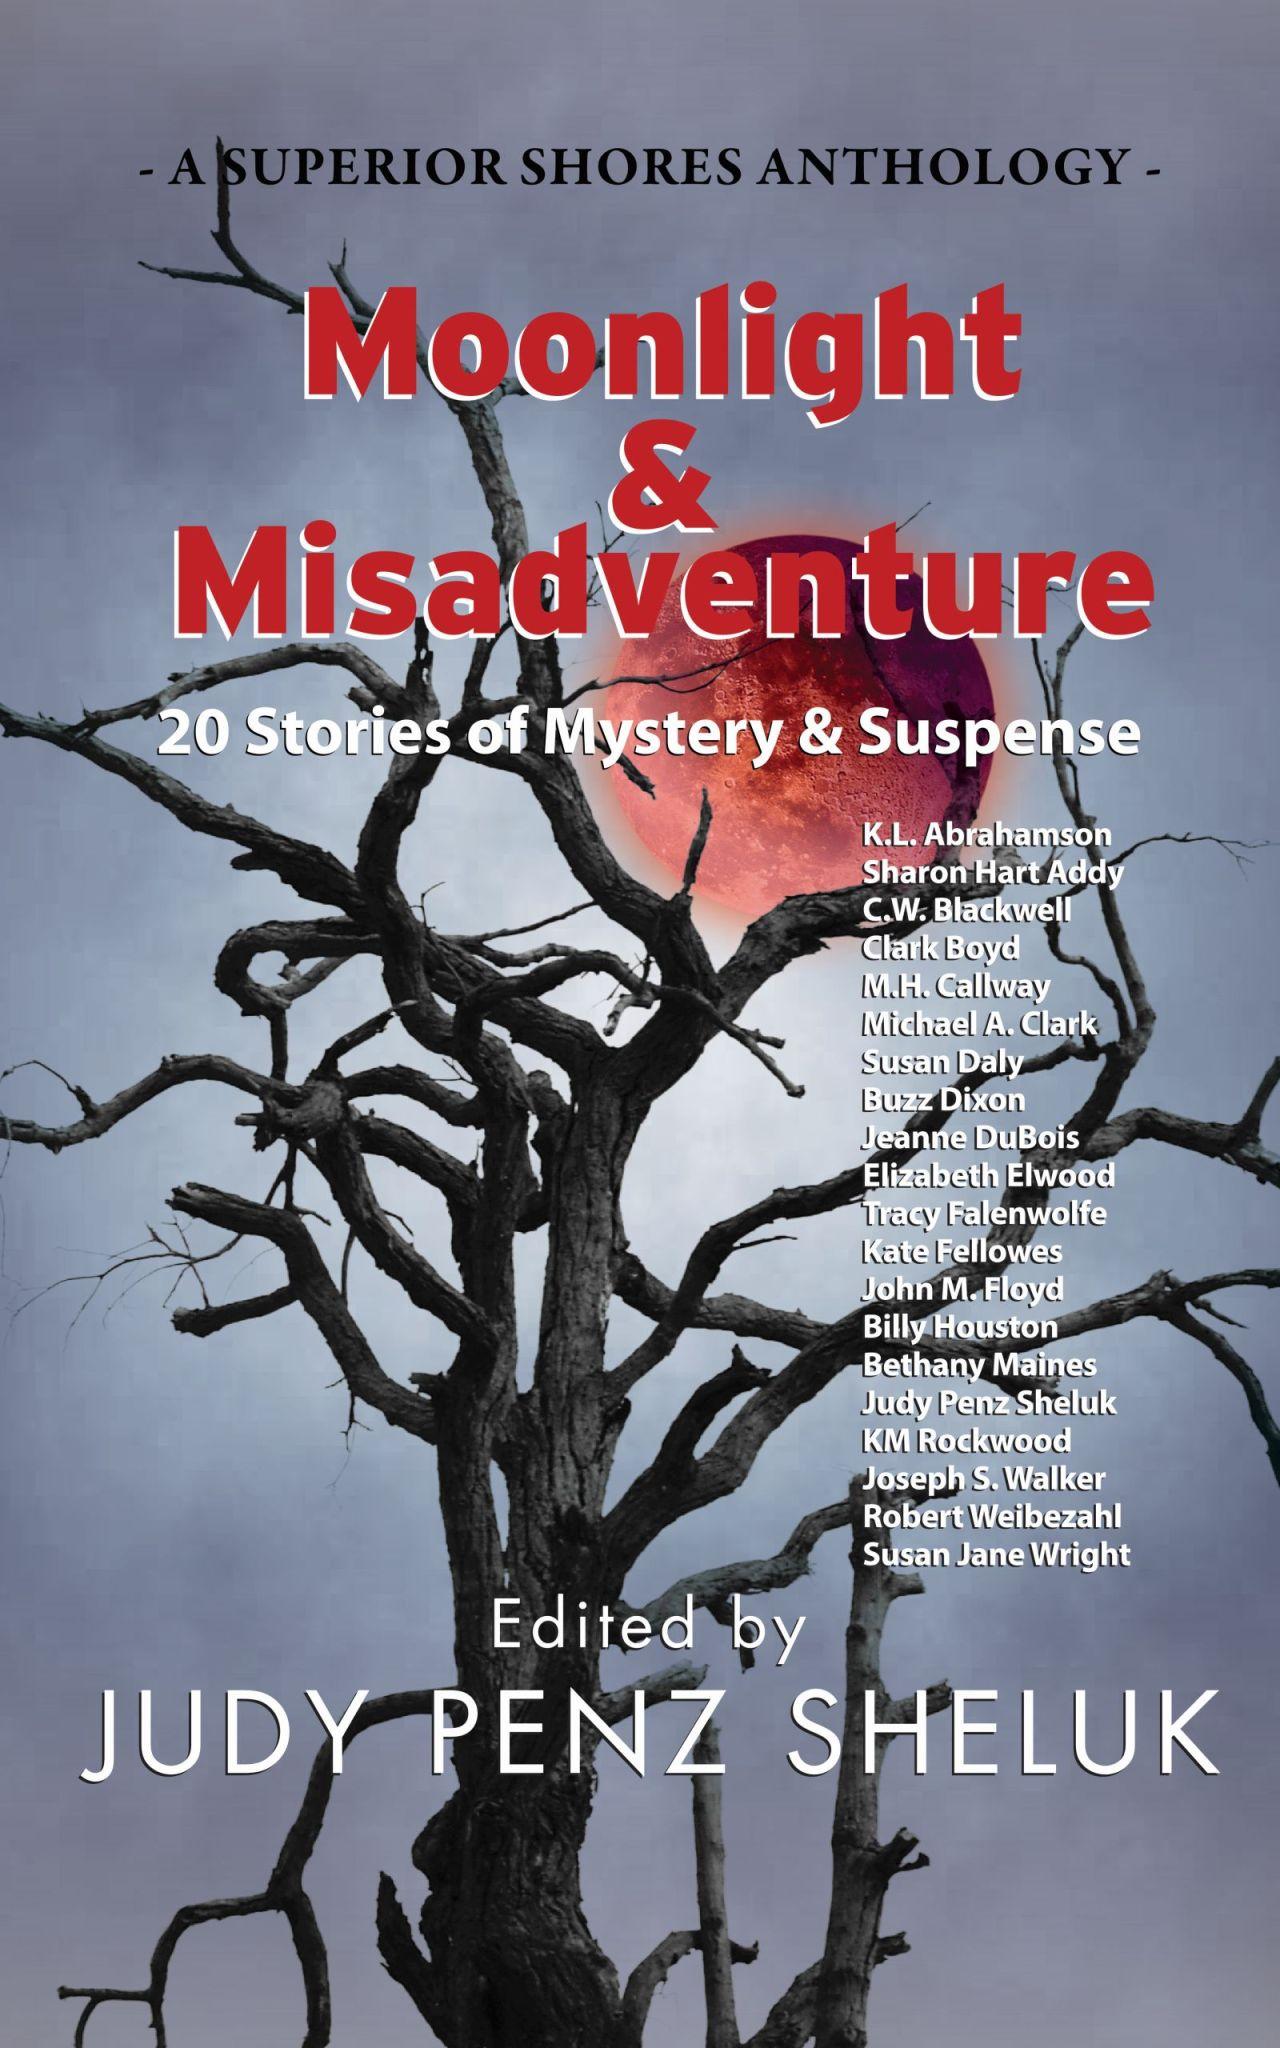 Moonlight & Misadventure